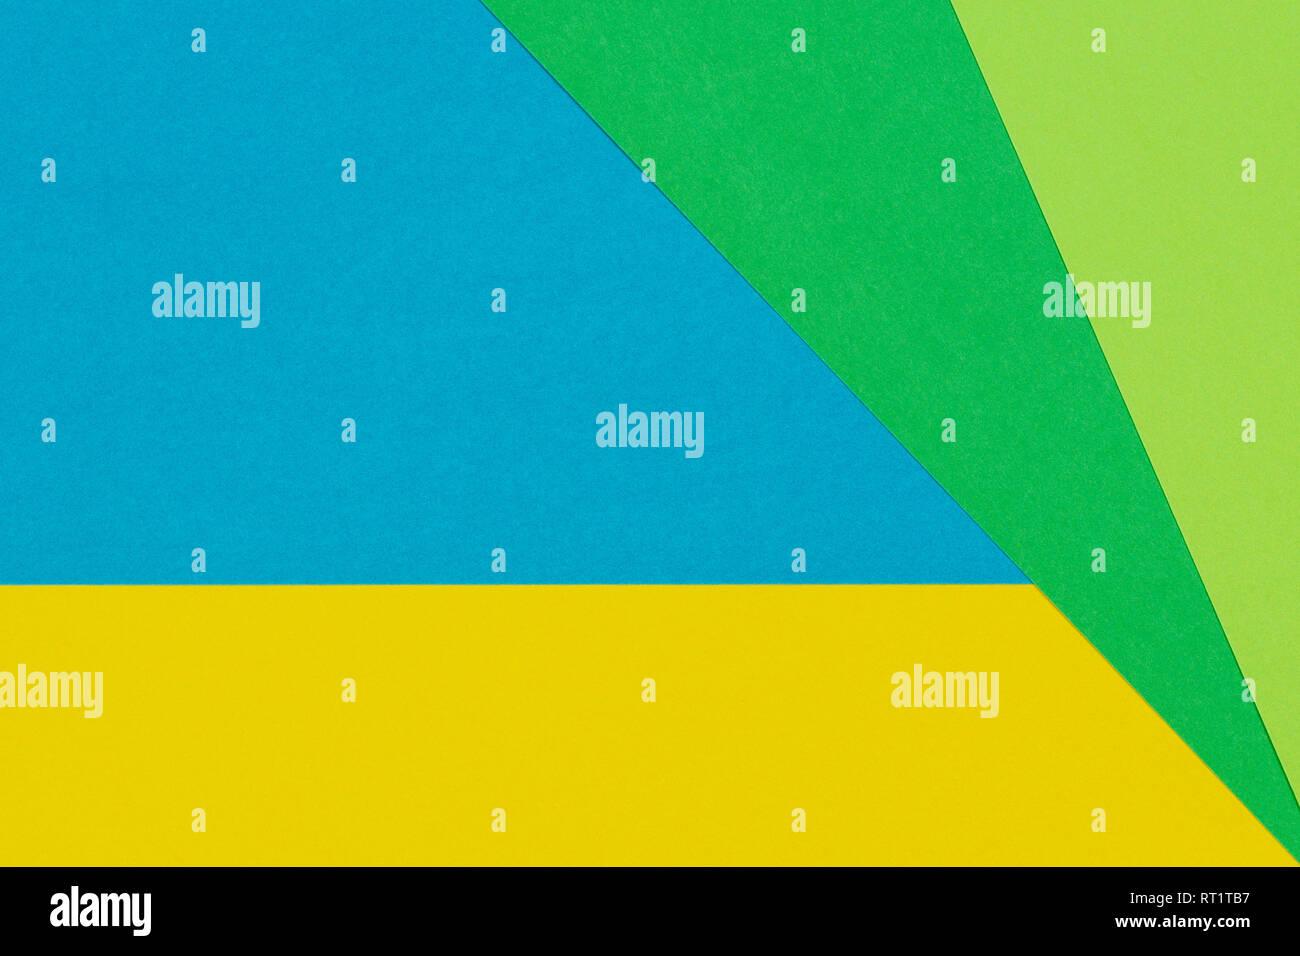 https www alamyimages fr television geometrique couleur bleu vert jaune laics papier fond image238527611 html